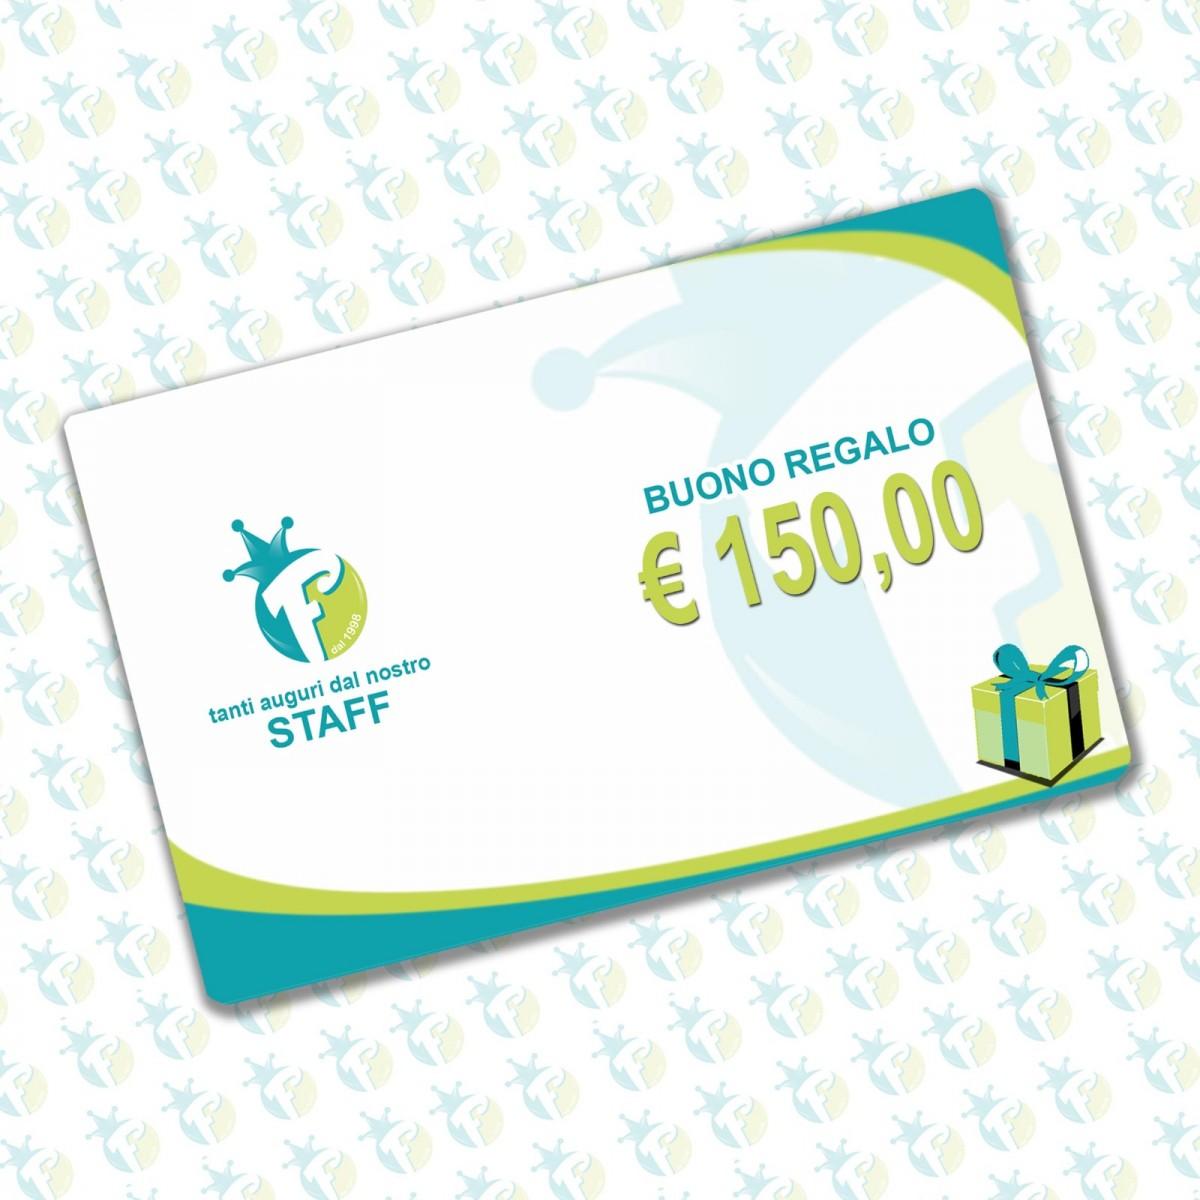 Buono regalo 150 €